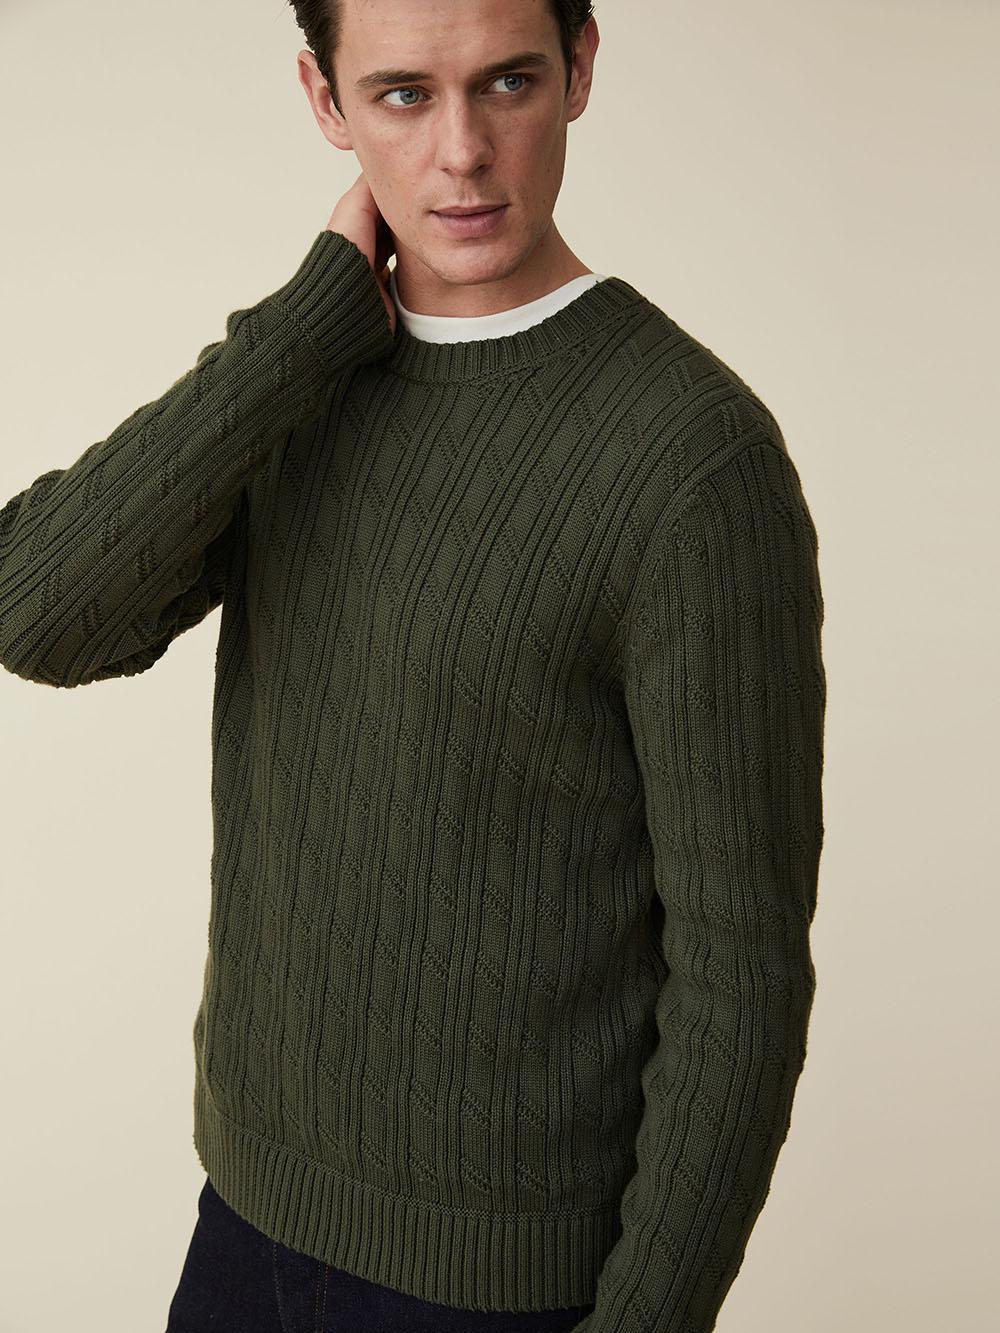 lauren-grace-design-freelance-photography-retoucher-ecommerce-imagery-male-model-6.jpg